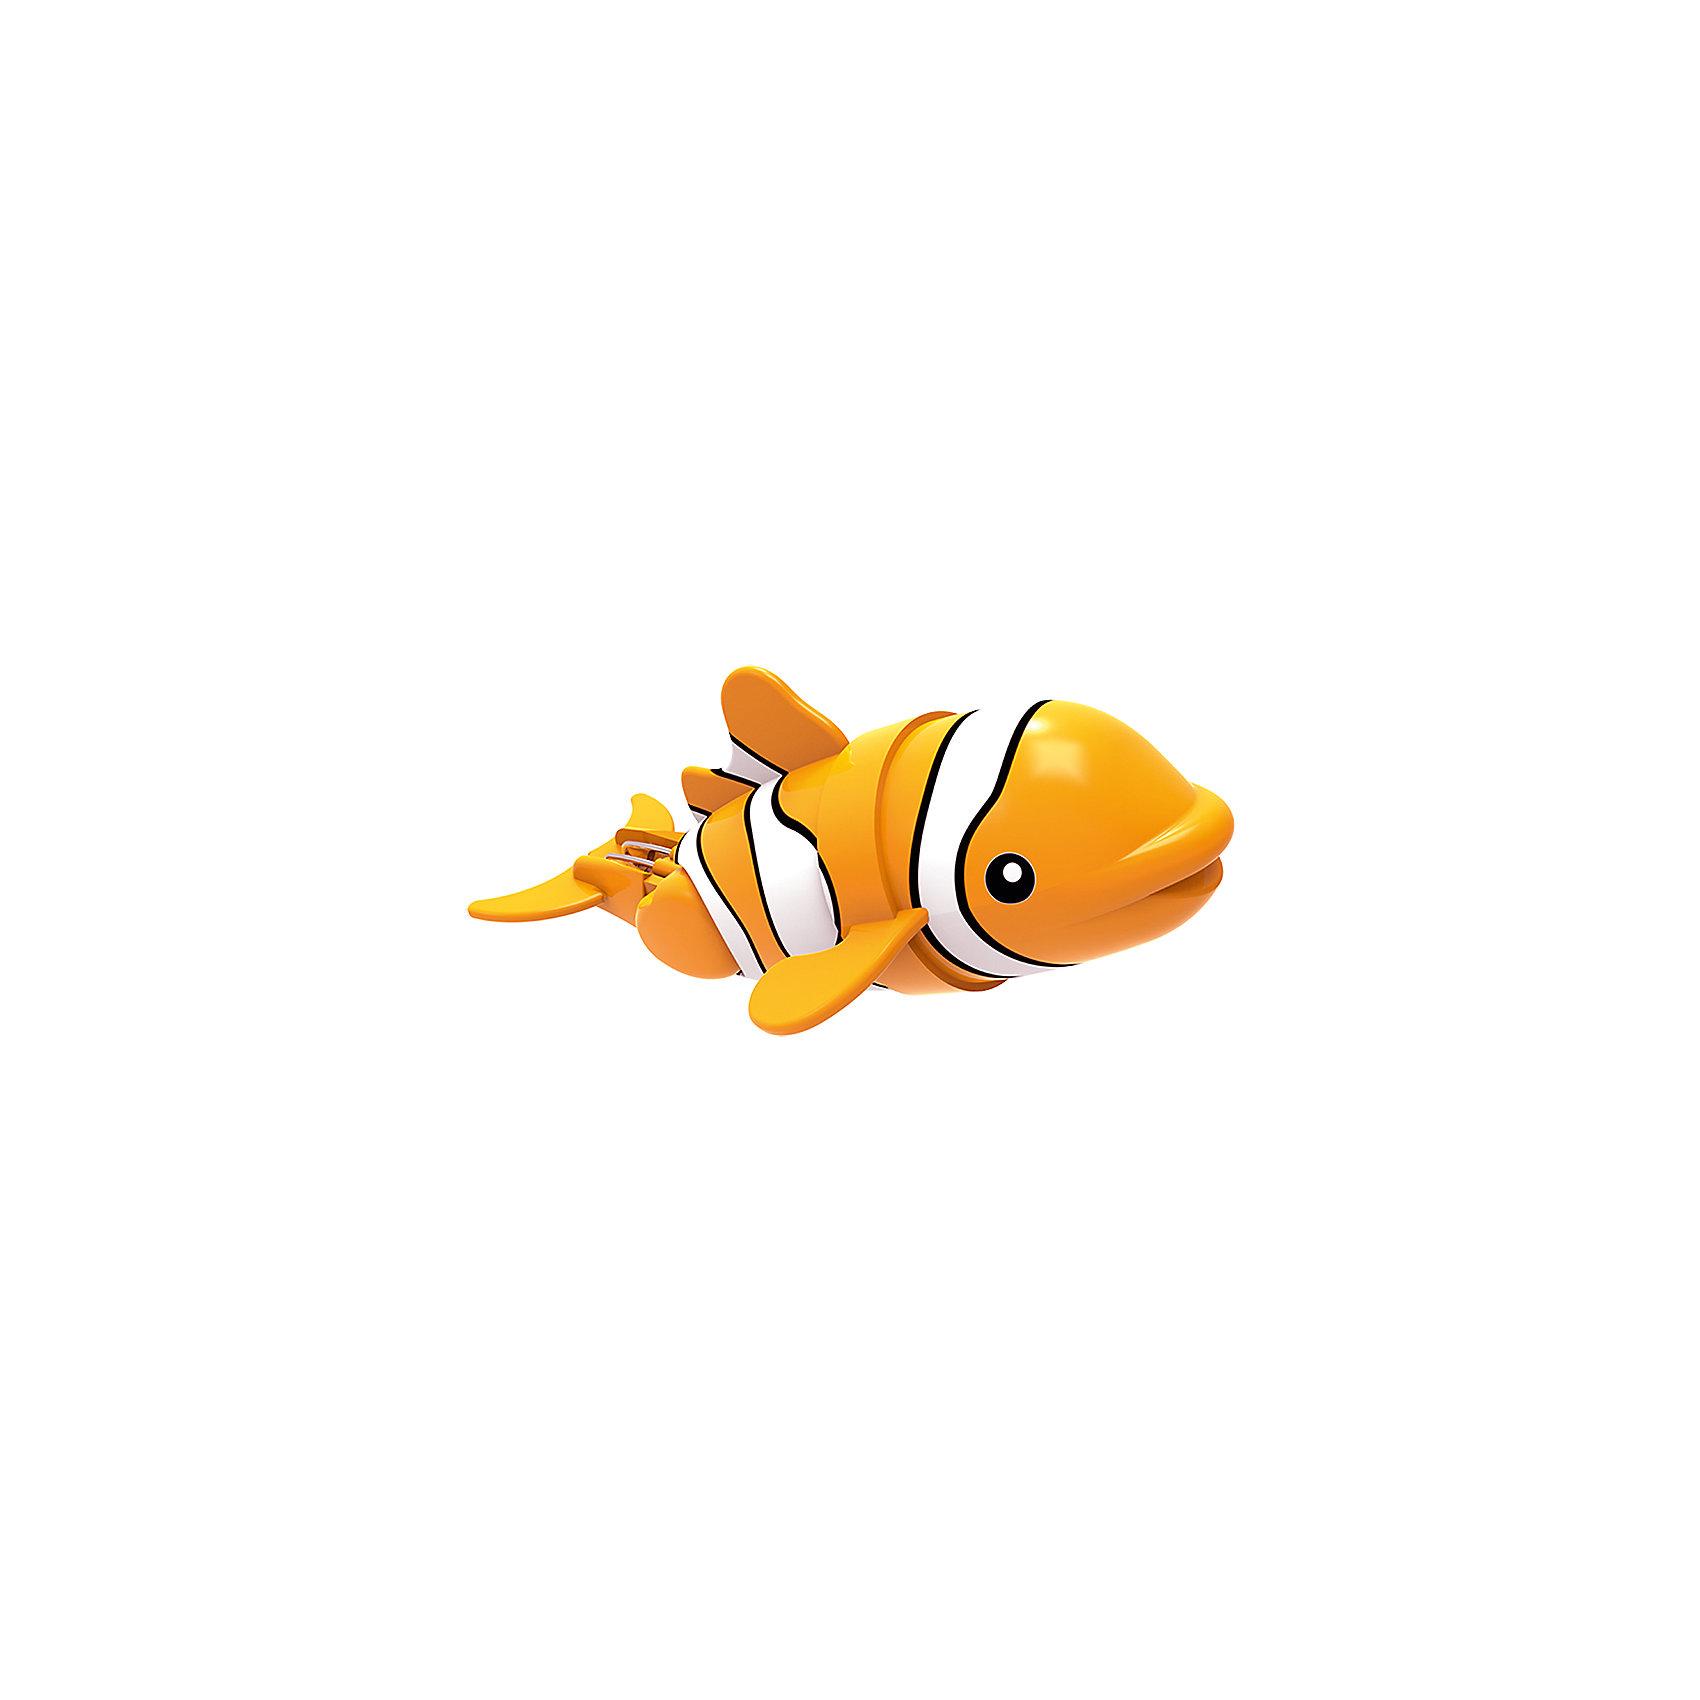 Рыбка-акробат Лакки, 12 см., Море чудесРоборыбки и русалки<br>Эта рыбка - акробат выглядит совсем как настоящая яркая морская рыбка, очень реалистично плавает и ныряет. В зависимости от установленного угла наклона хвоста, рыбка может плавать прямо или же по случайной траектории. Игрушка не требует специального ухода, выполнена из высококачественных материалов, безопасна для детей. Рыбка прослужит еще дольше, если после игры вынимать ее из воды. <br><br>Дополнительная информация: <br><br>- Материал: пластик<br>- Размер рыбки: 12 см. <br><br>Рыбку-акробата Лакки, 12 см., Море чудес можно купить в нашем магазине.<br><br>Ширина мм: 165<br>Глубина мм: 140<br>Высота мм: 83<br>Вес г: 52<br>Возраст от месяцев: 48<br>Возраст до месяцев: 144<br>Пол: Унисекс<br>Возраст: Детский<br>SKU: 3972653